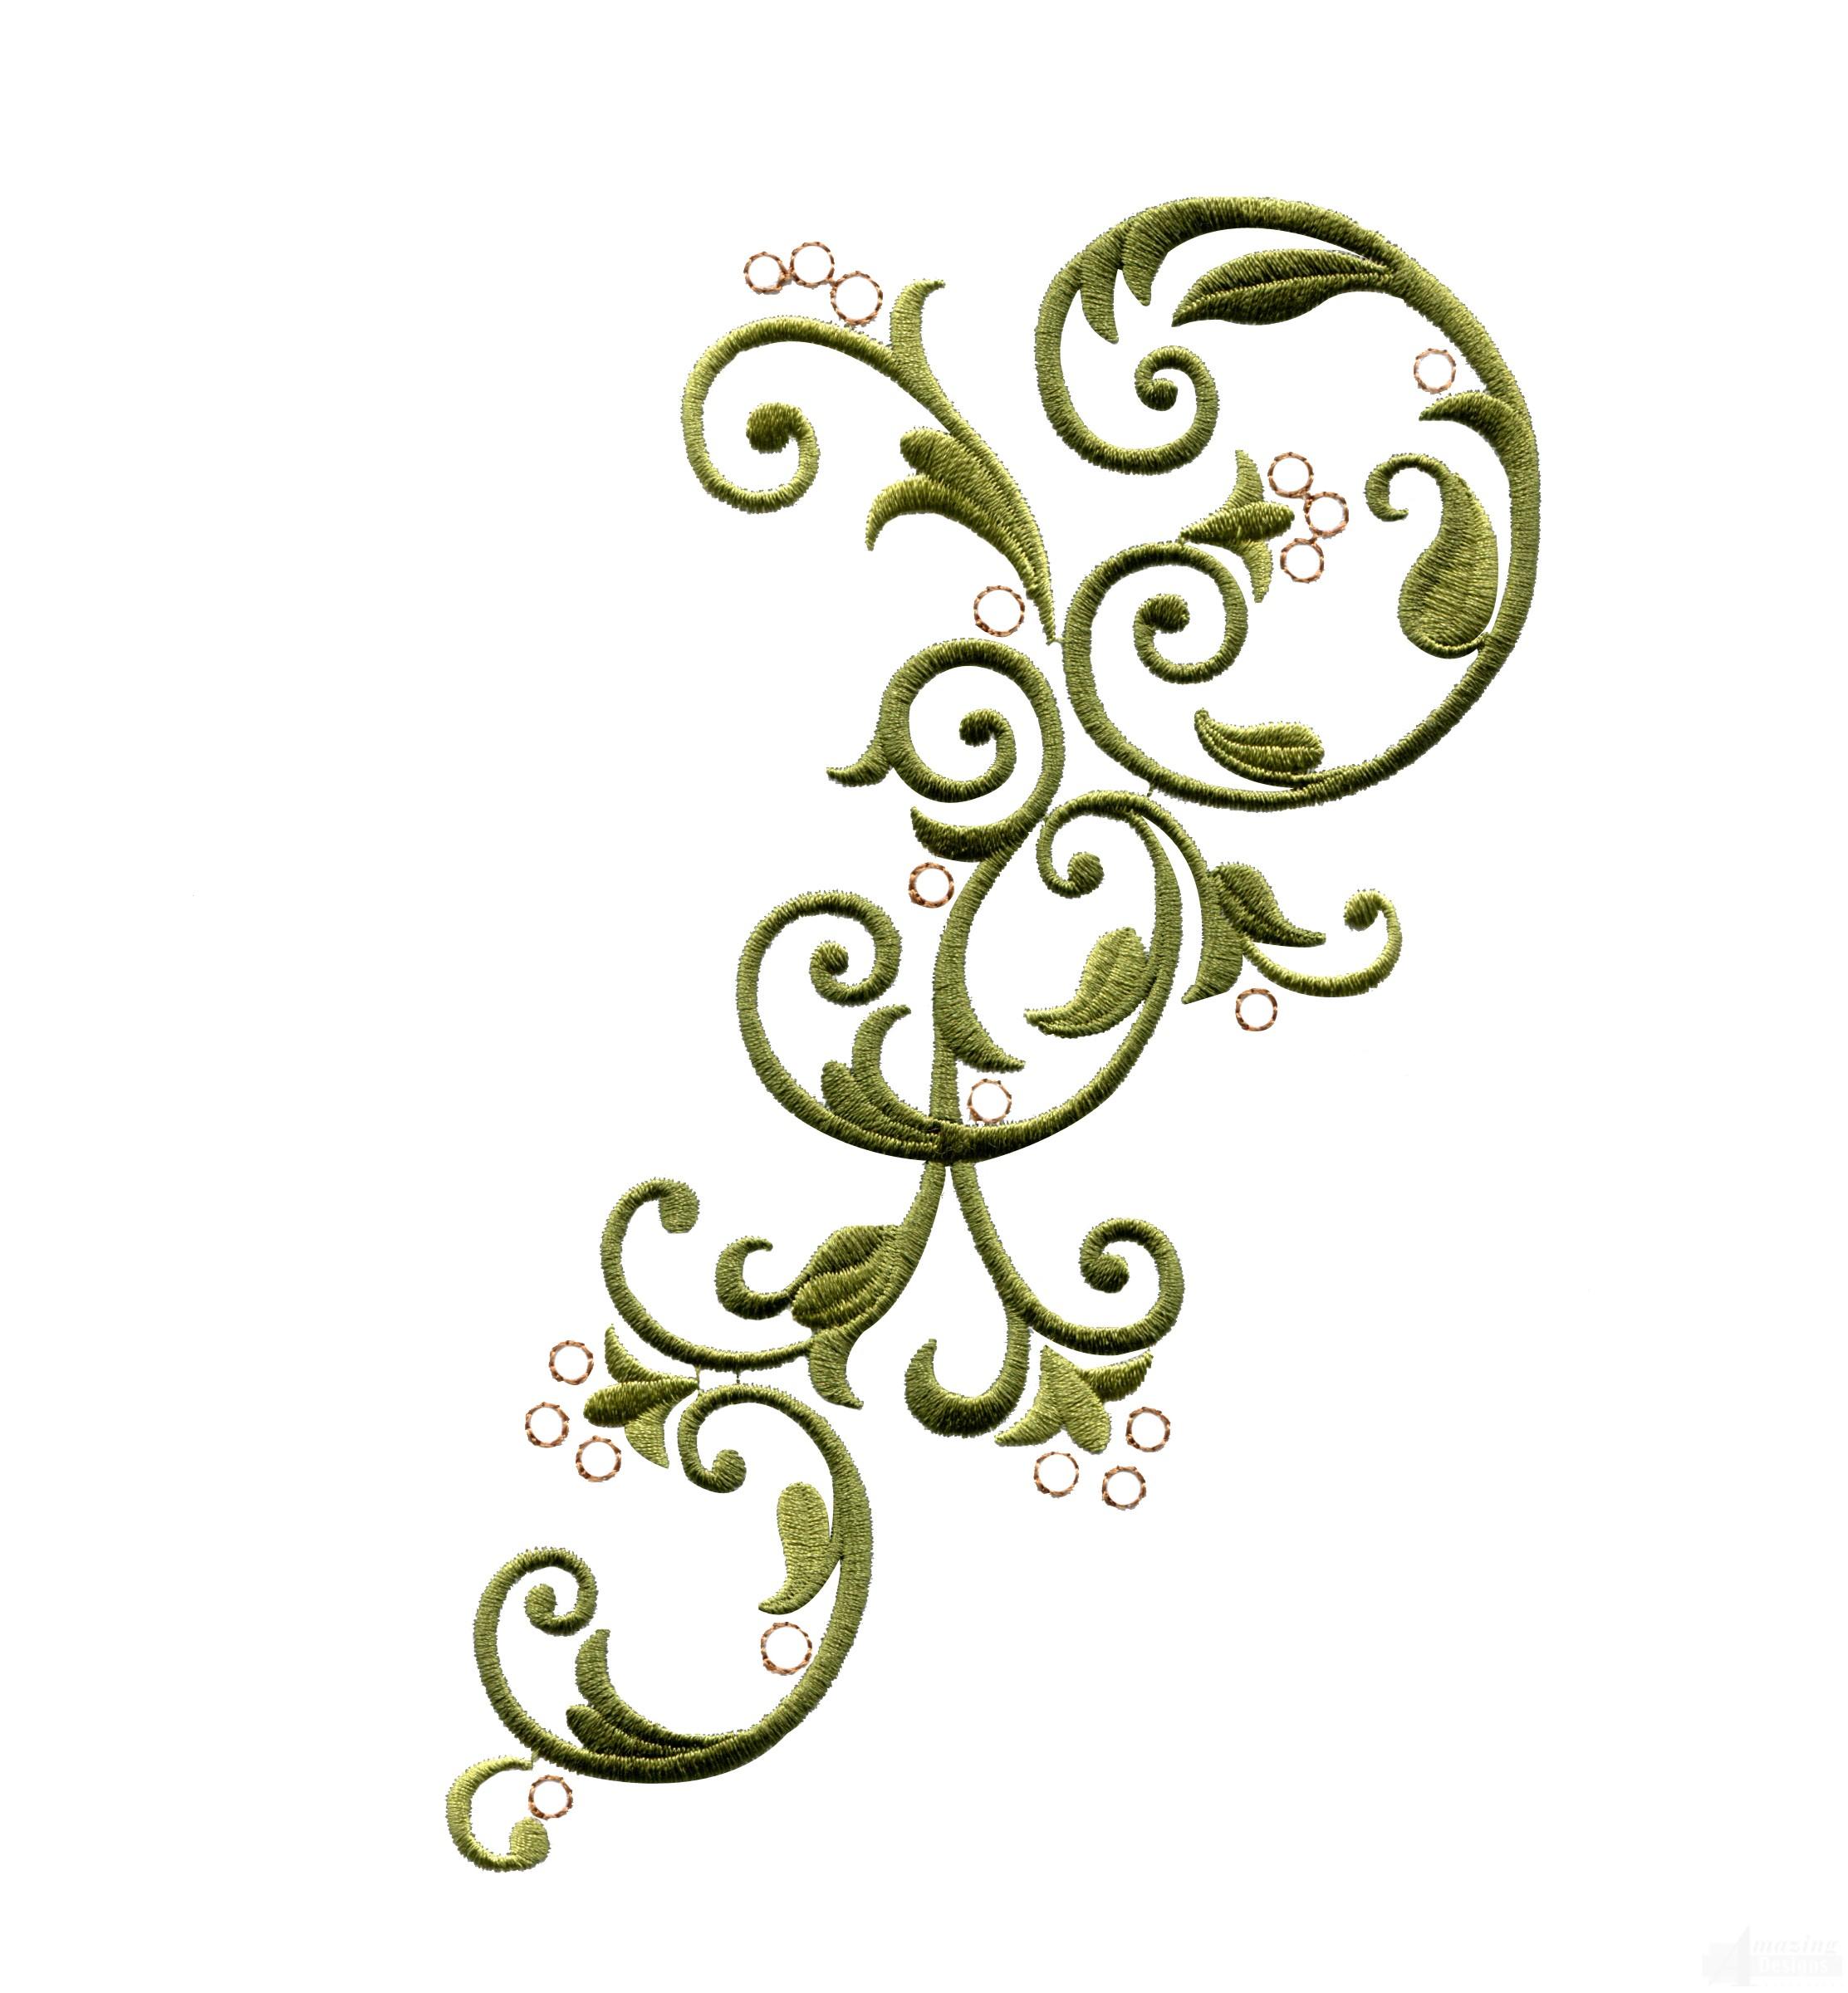 2225x2400 Clip Art Swirl Embroidery Design Clipart